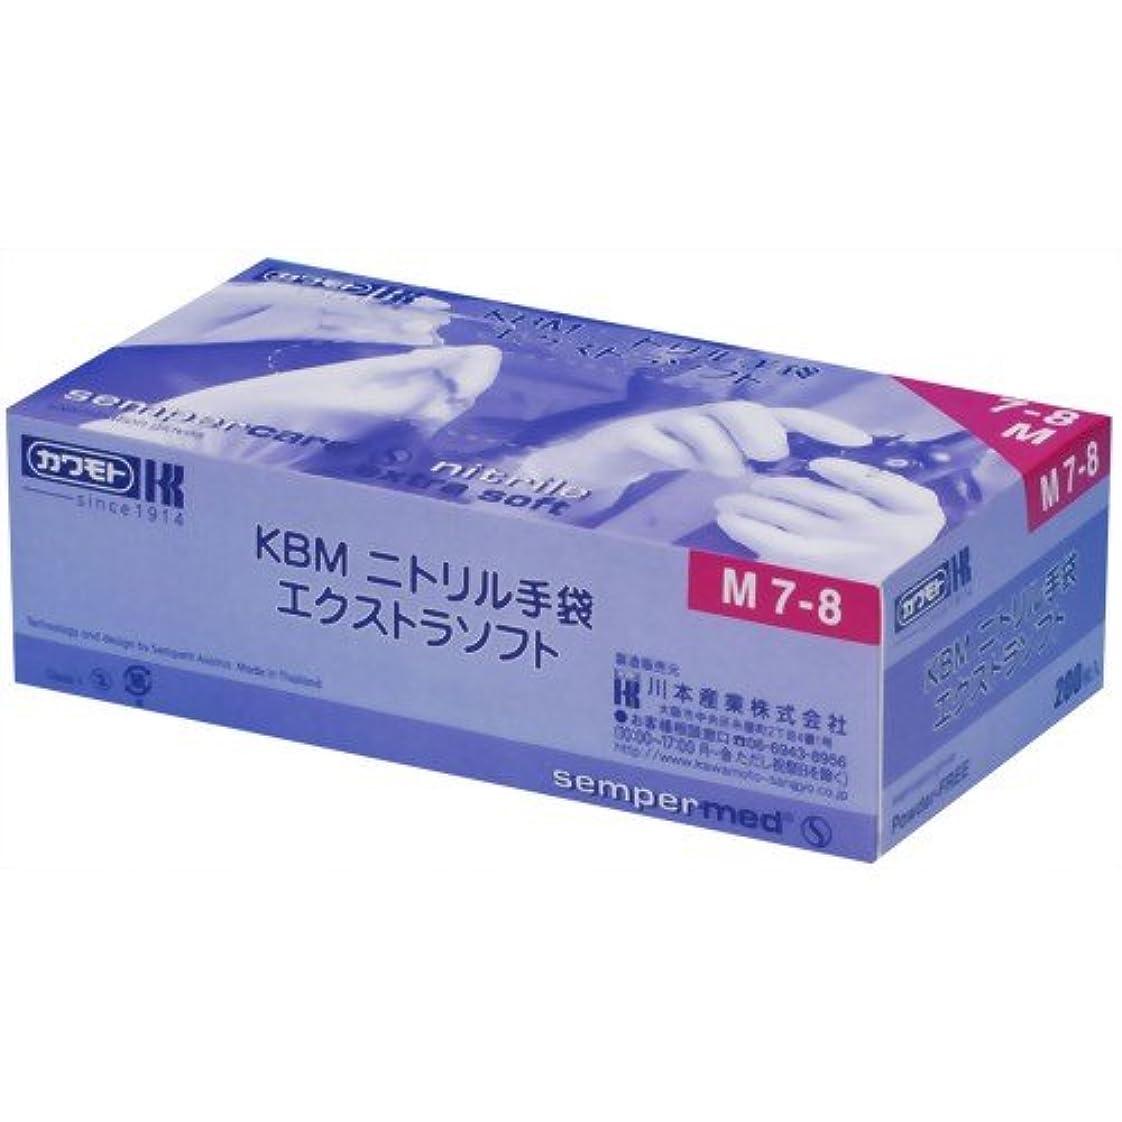 権限を与える輪郭感覚KBMニトリル手袋PF エクストラソフト Sサイズ200枚